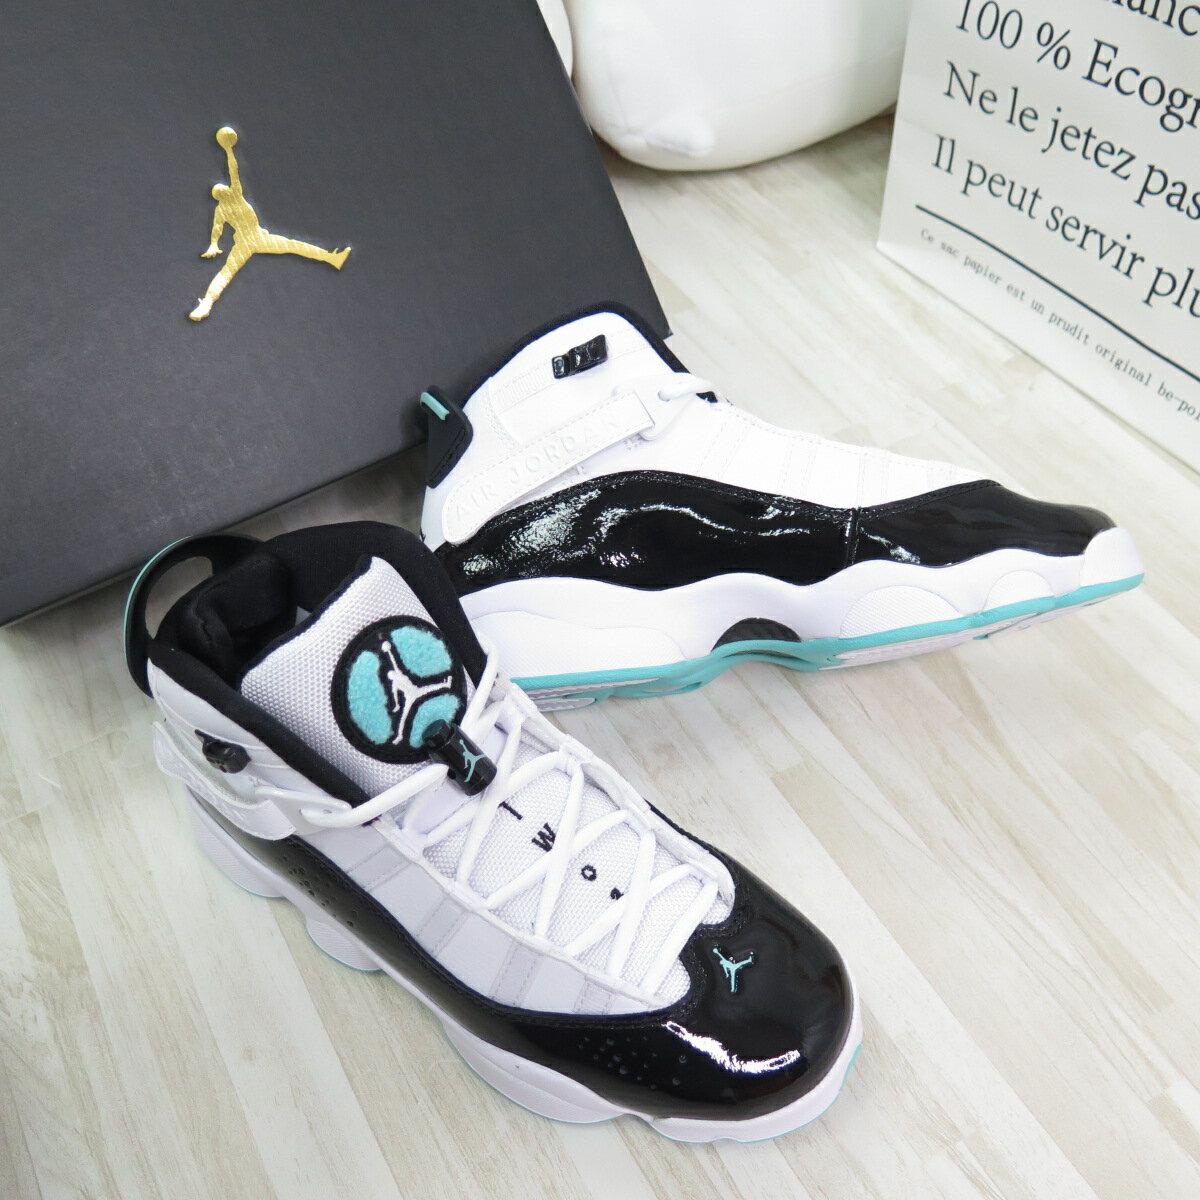 【滿額領券折$150】NIKE JORDAN 6 RINGS (GS) 大童 兒童運動鞋 籃球鞋 323419115【iSport愛運動】